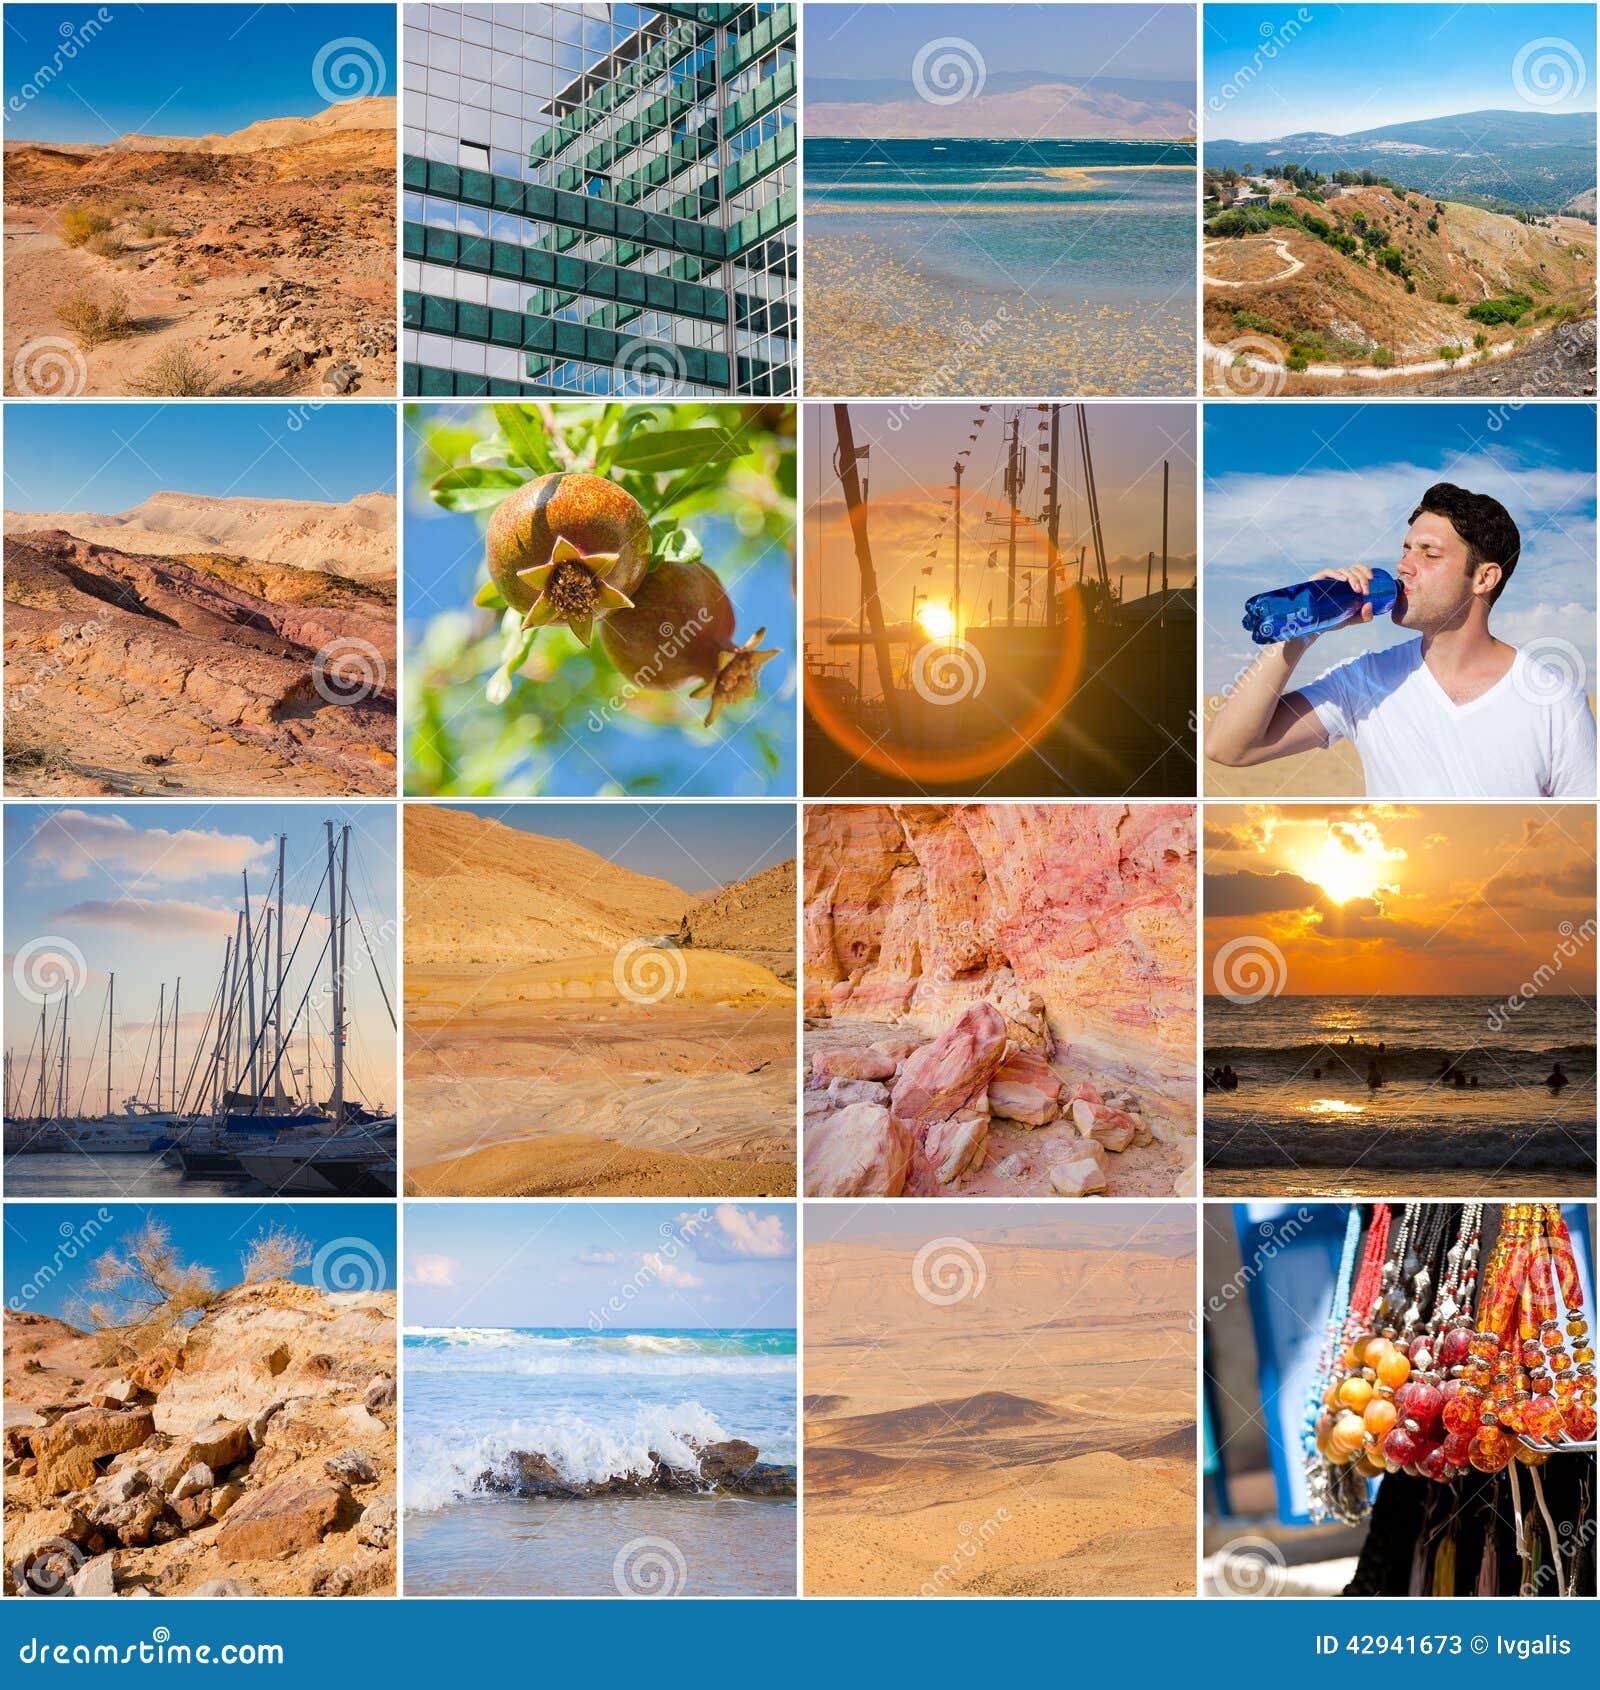 Ferien In Israel Collage Stockbild Bild Von Nave Wüste 42941673